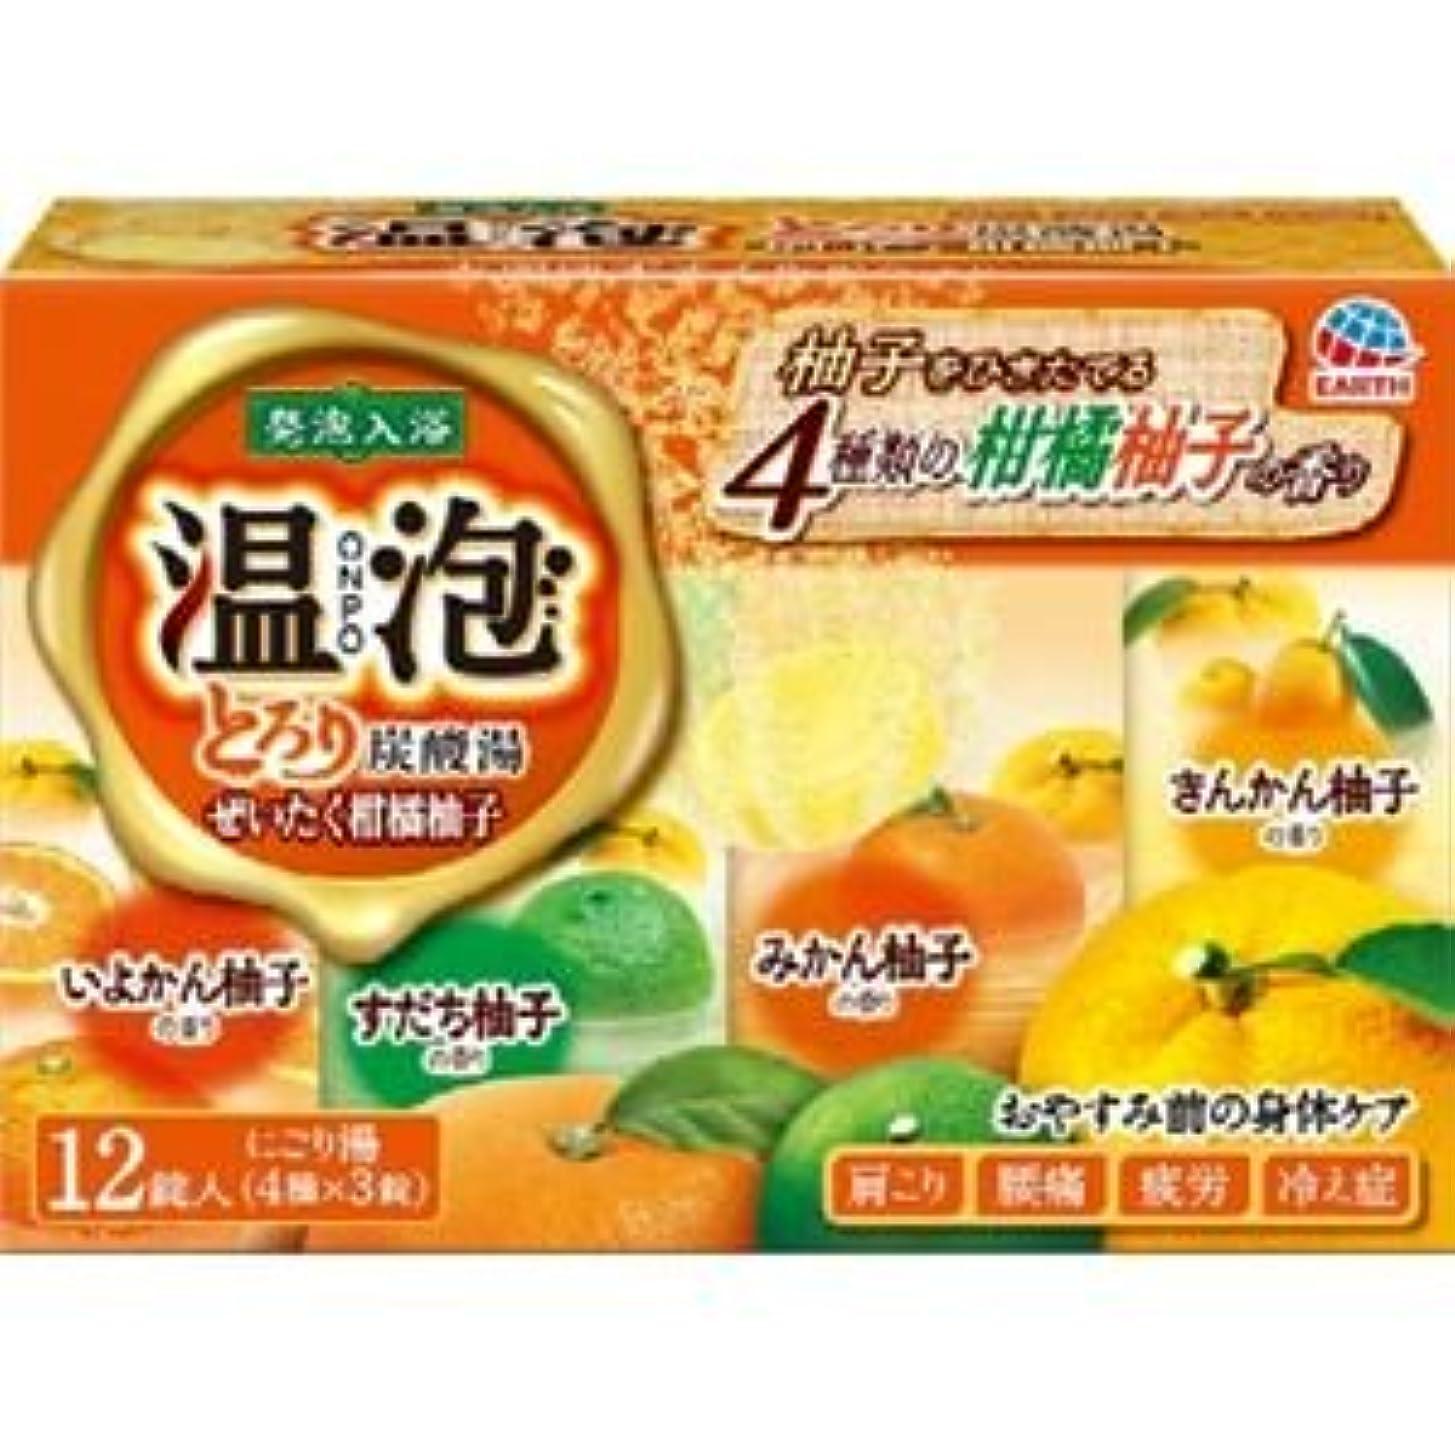 わな迫害サイバースペース(まとめ)アース製薬 温泡とろり炭酸湯ぜいたく柑橘柚子12錠入 【×3点セット】